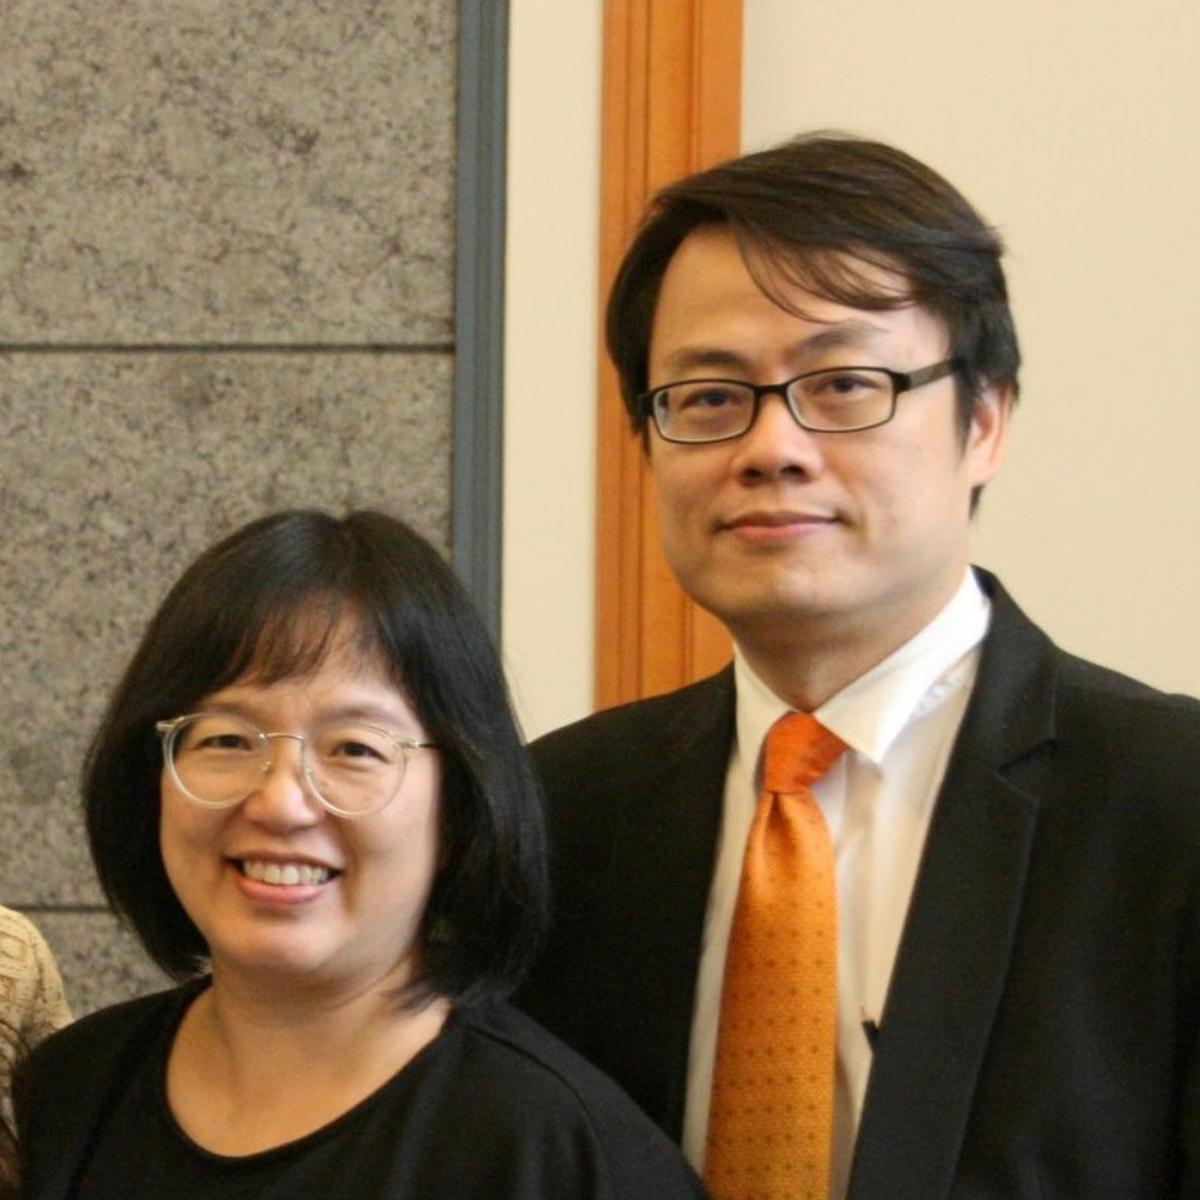 王榕翎夫妻